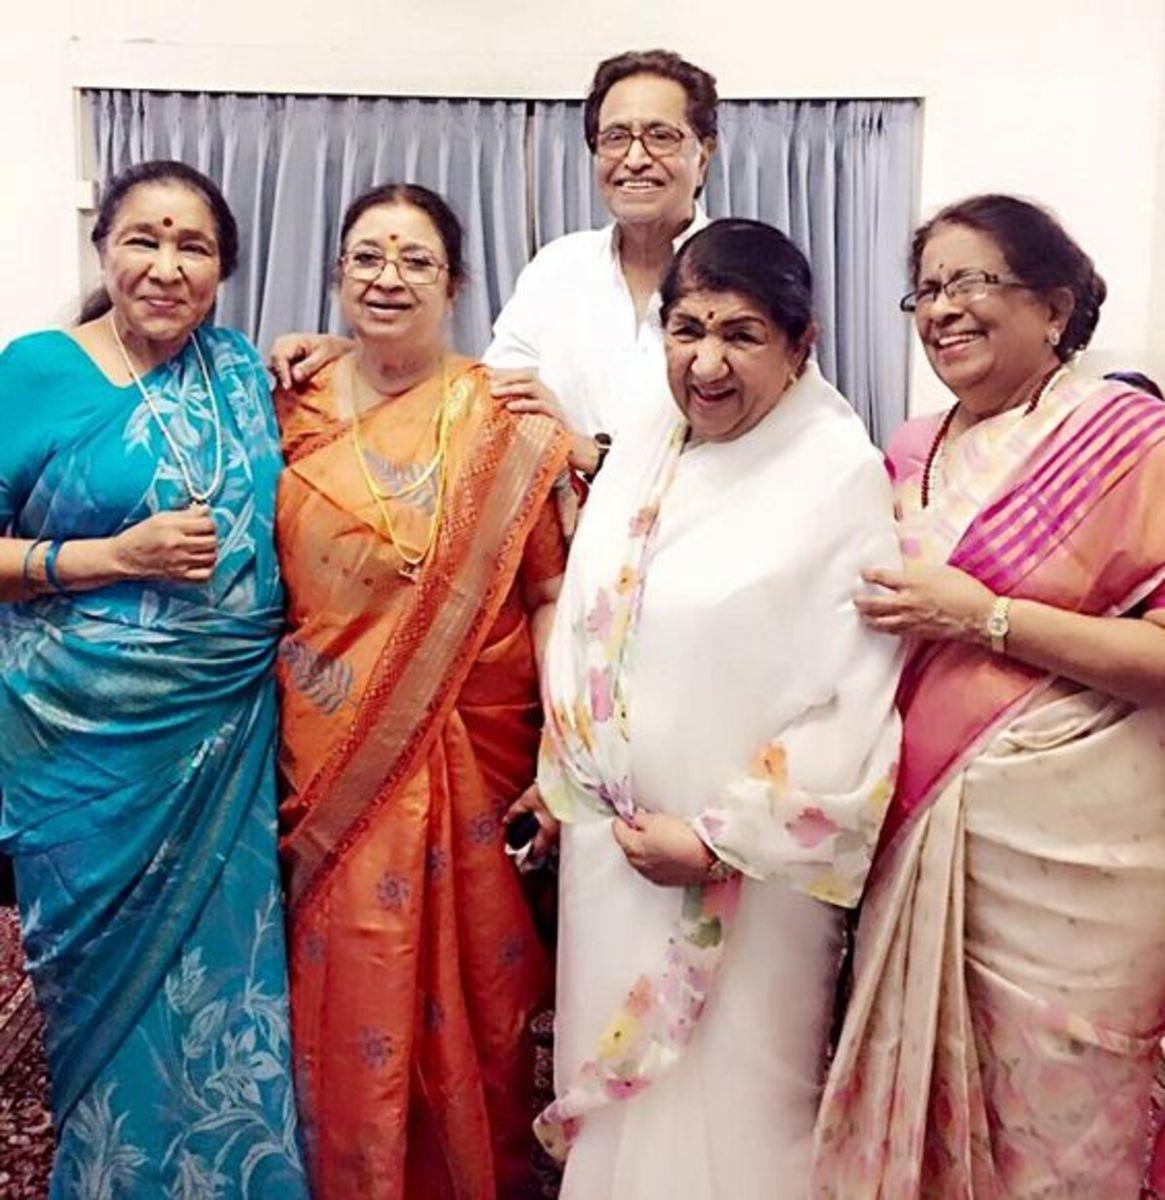 Latadidi Family Photo